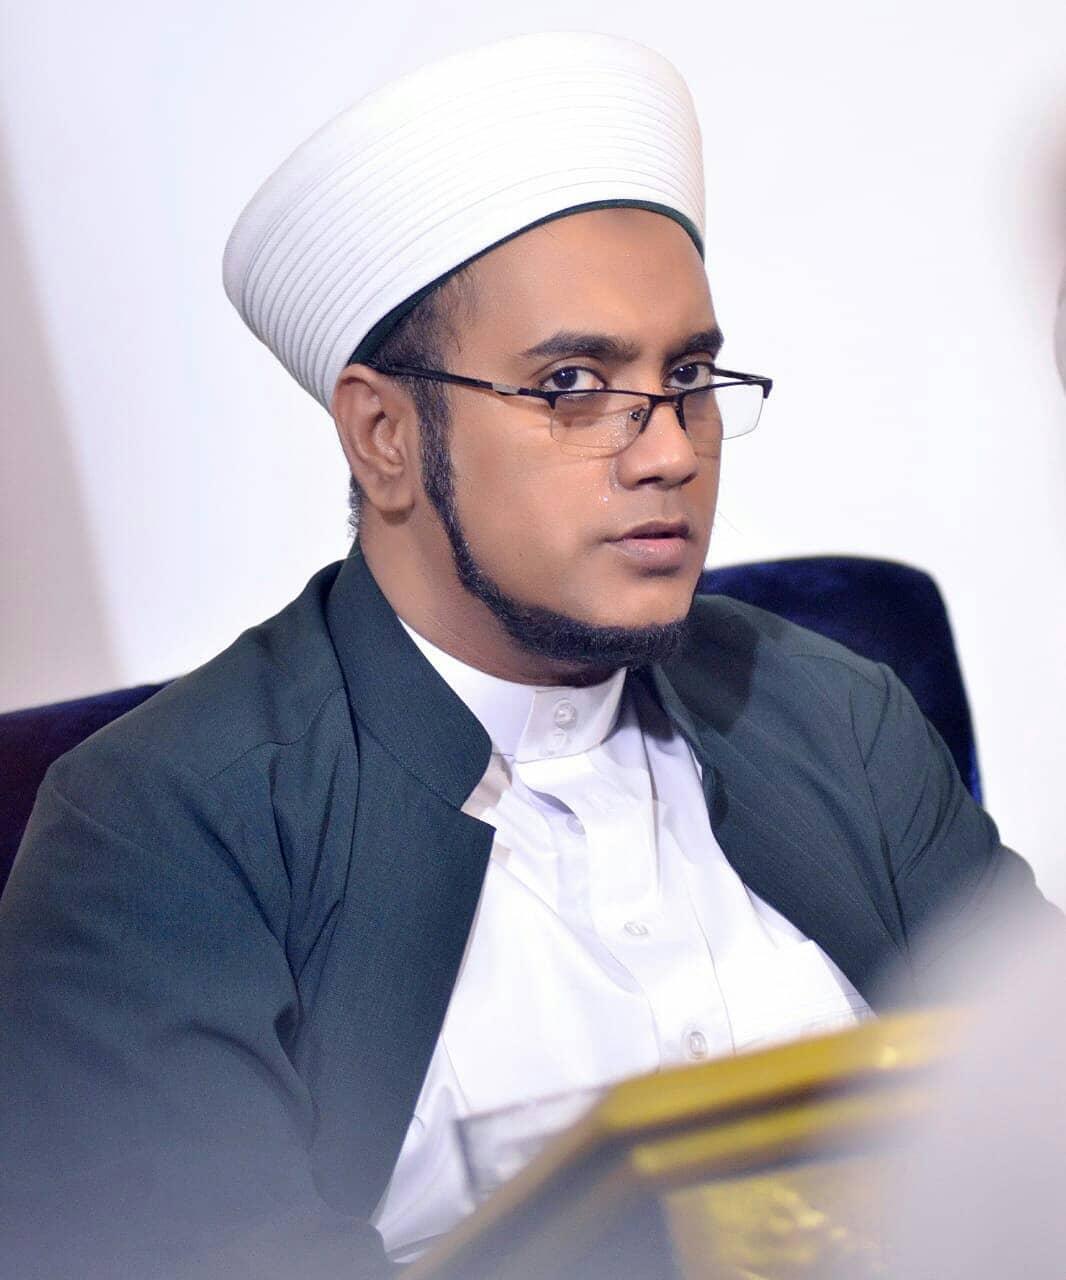 Download Wallpaper Habib Hasan 2702216